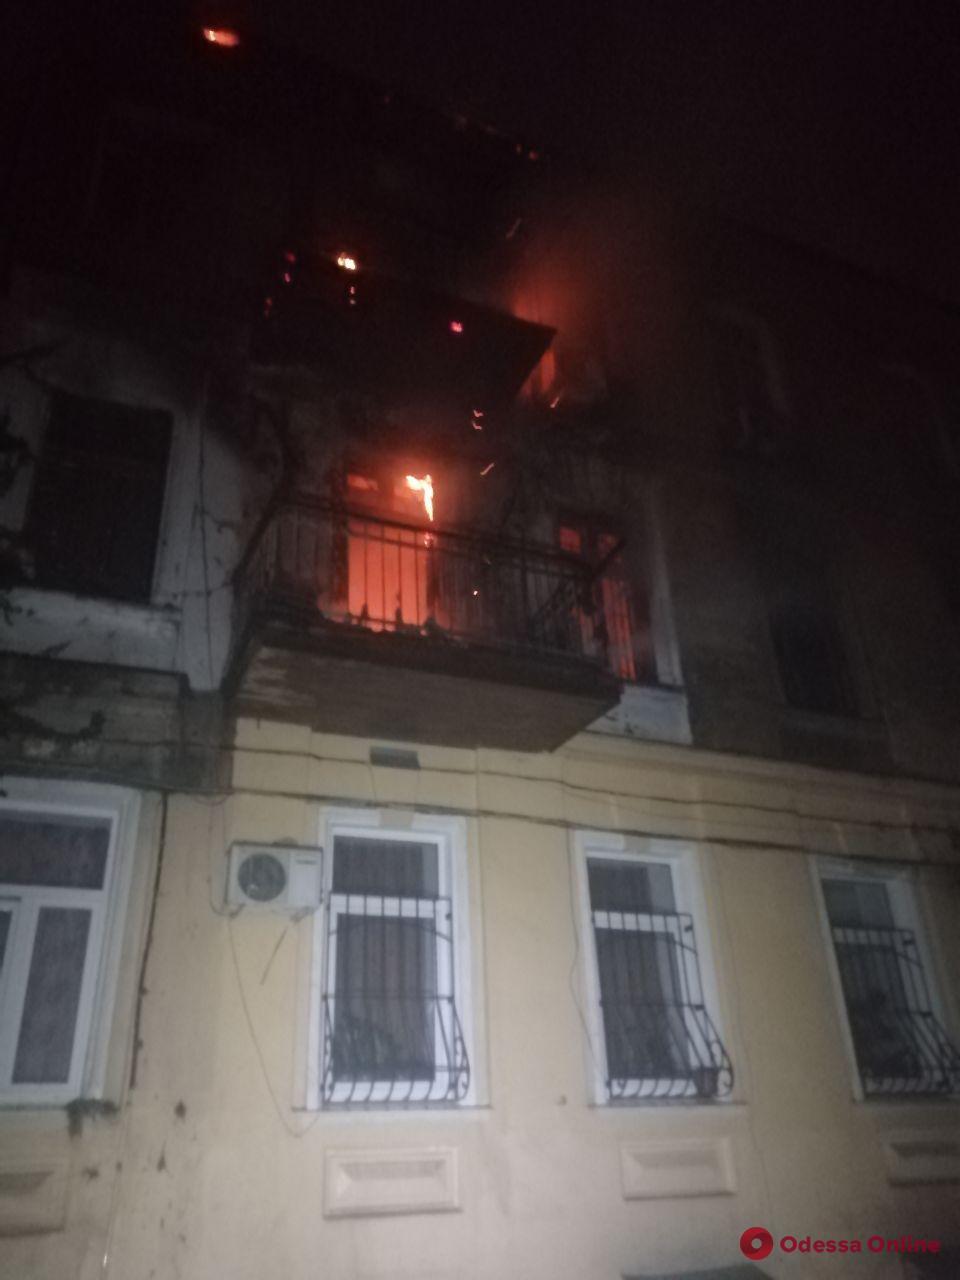 Во время пожара в квартире на Новосельского пострадала 21-летняя девушка